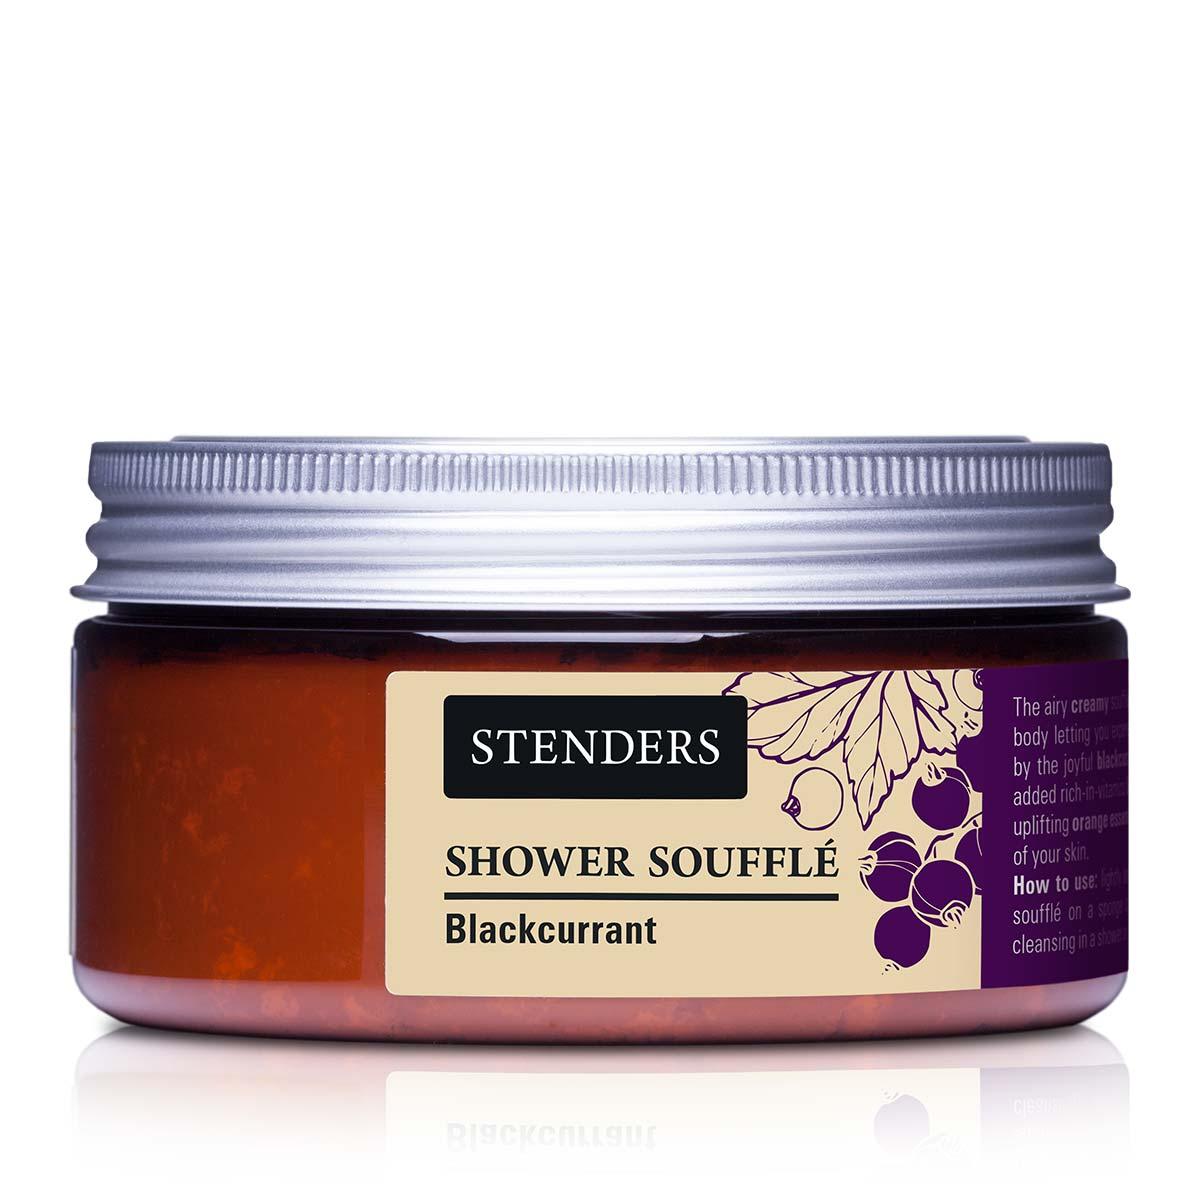 Stenders Черносмородиновый мусс для душа, 110 гBSSF001Благодаря воздушной пене мусс нежно очистит кожу тела и подарит ей приятный аромат ягод черной смородины. Для красоты кожи мы добавили богатый витаминами экстракт черной смородины и бодрящее апельсиновое эфирное масло.